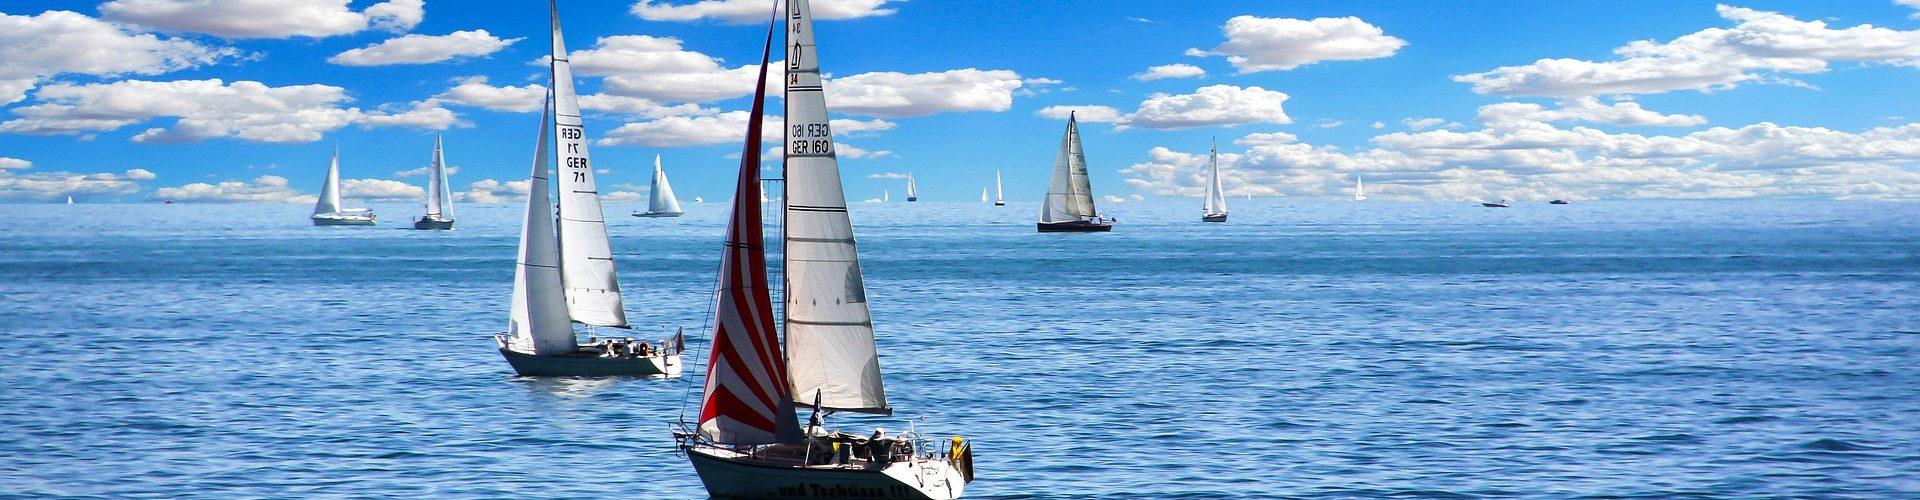 segeln lernen in Heikendorf segelschein machen in Heikendorf 1920x500 - Segeln lernen in Heikendorf